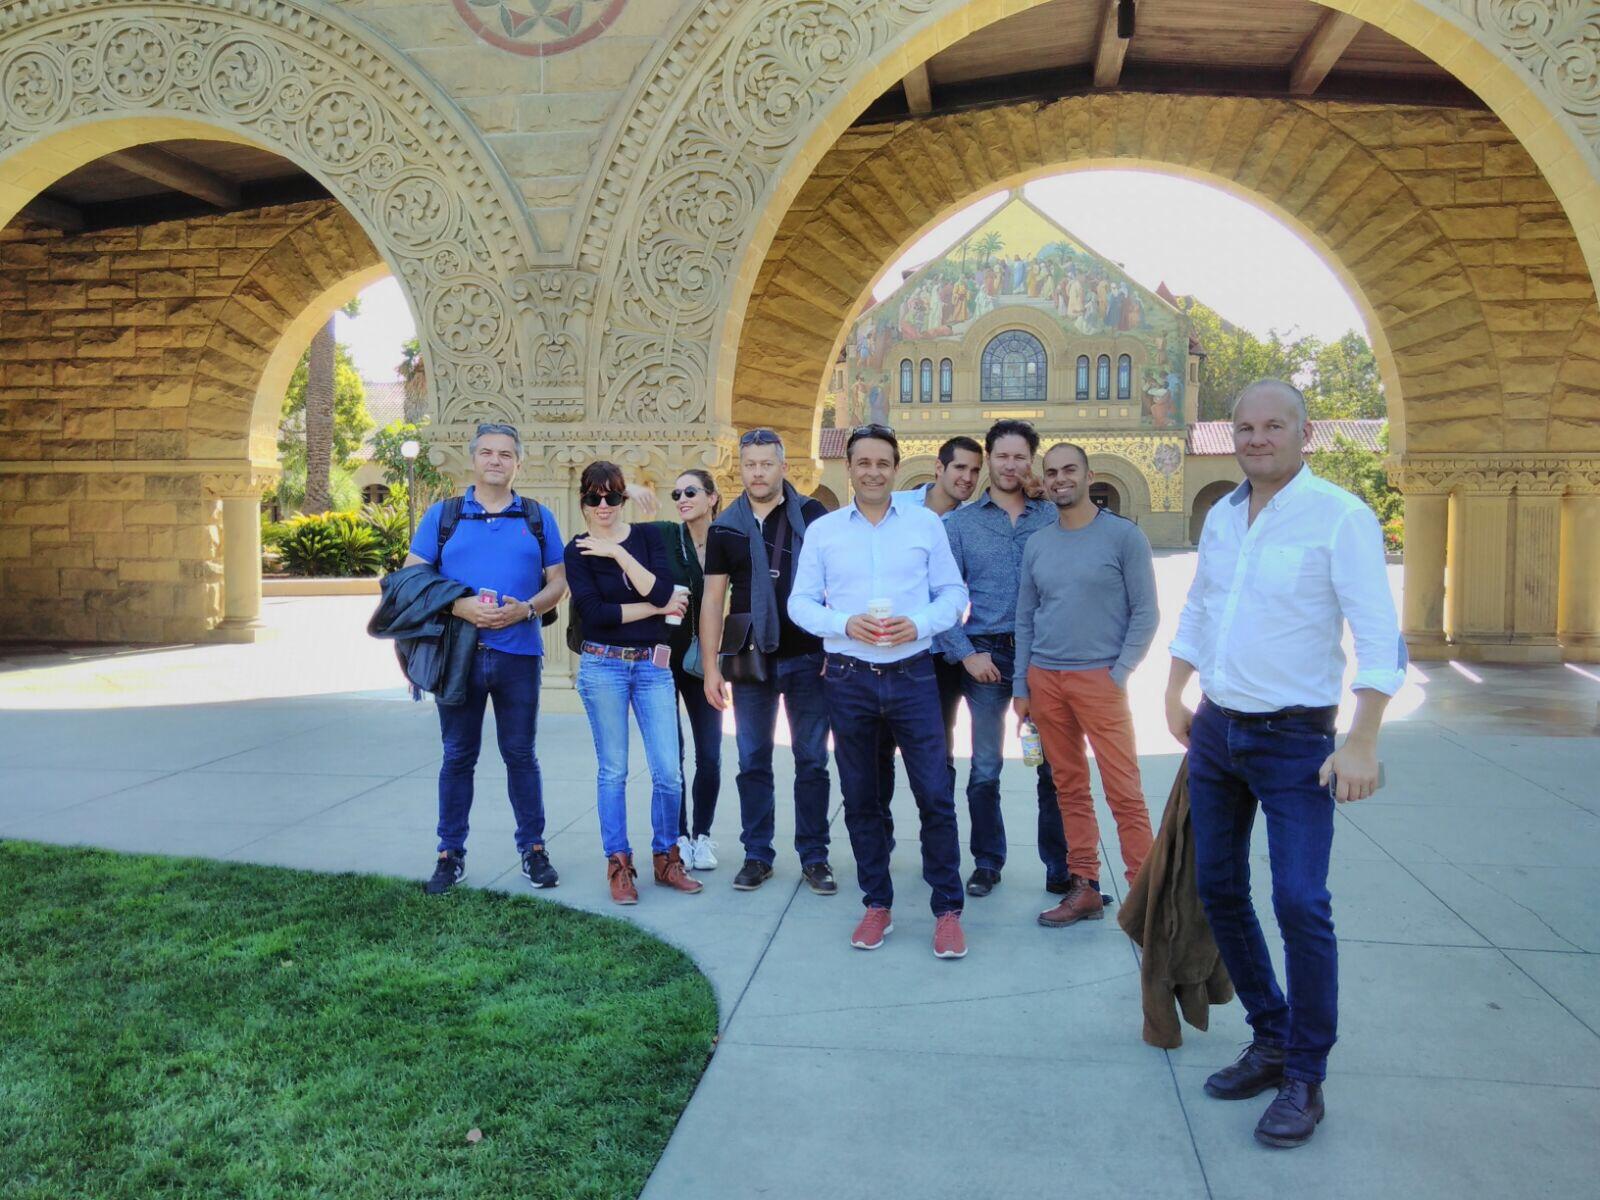 session de octobre/novembre au coeur de la silicon valley, une expérience très enrichissante pour les participants